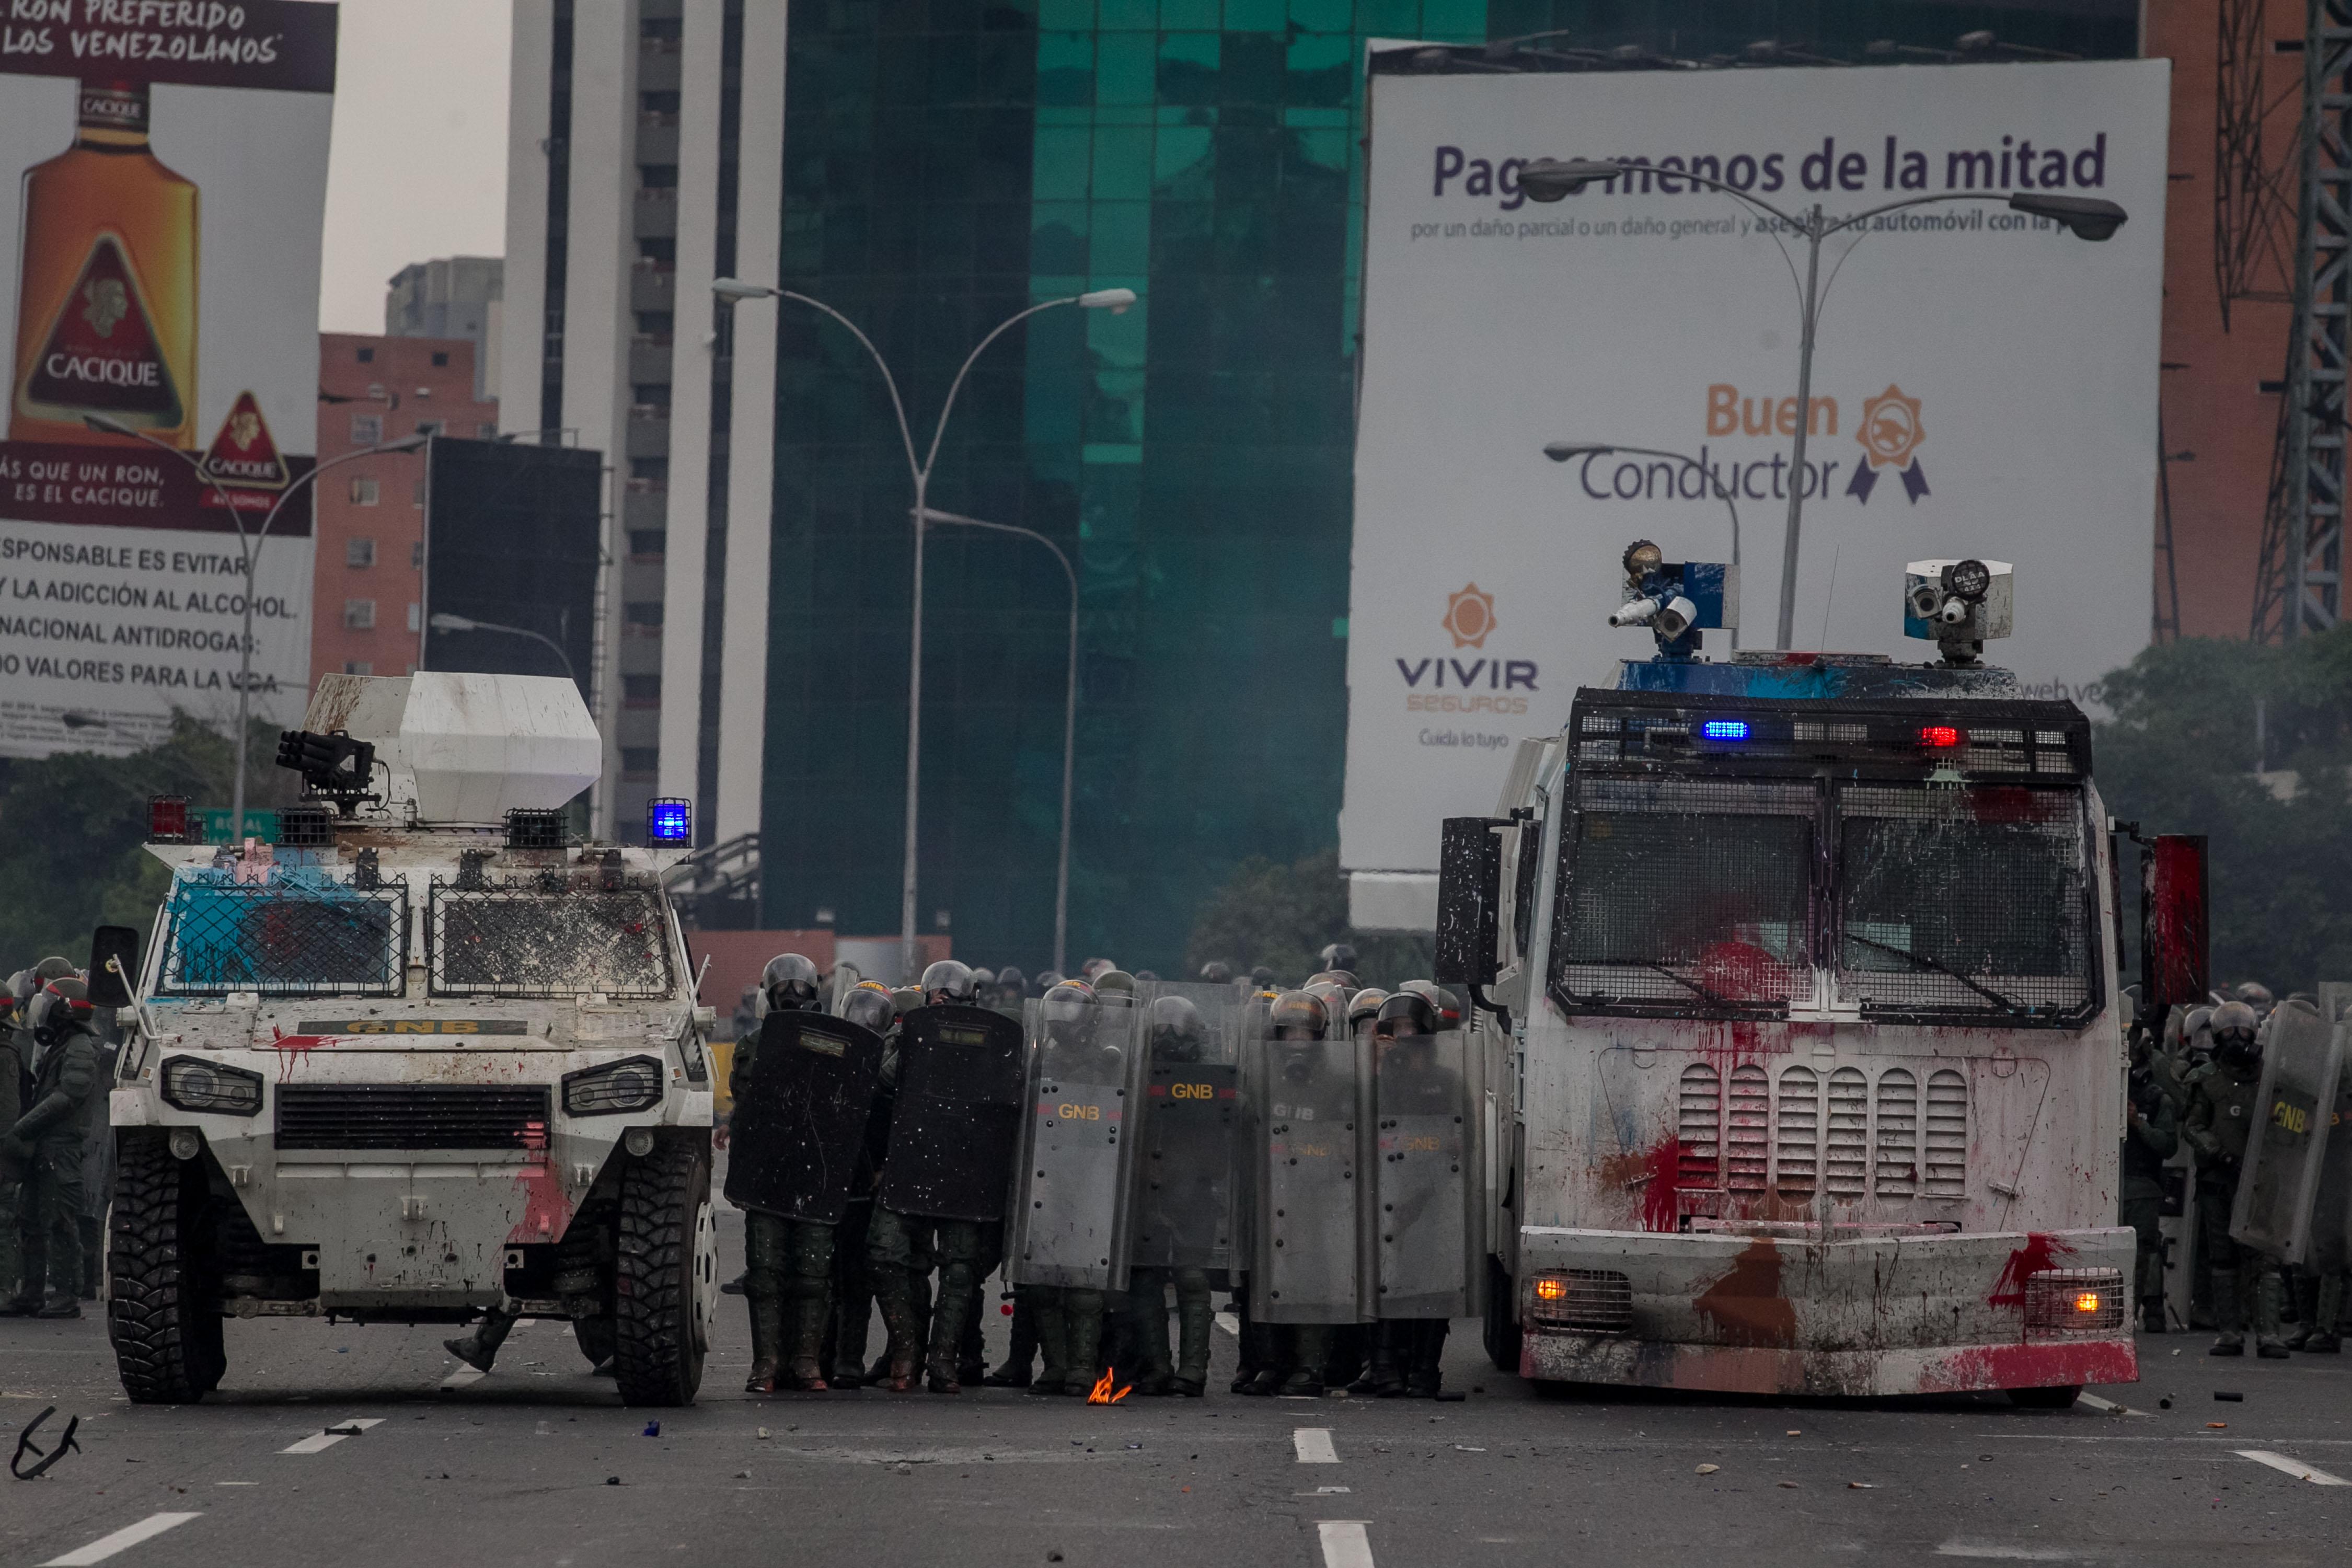 """Protestatarii din Venezuela au început să arunce cu materii fecale în polițiști: """"Ei au gaze lacrimogene, noi excremente"""""""